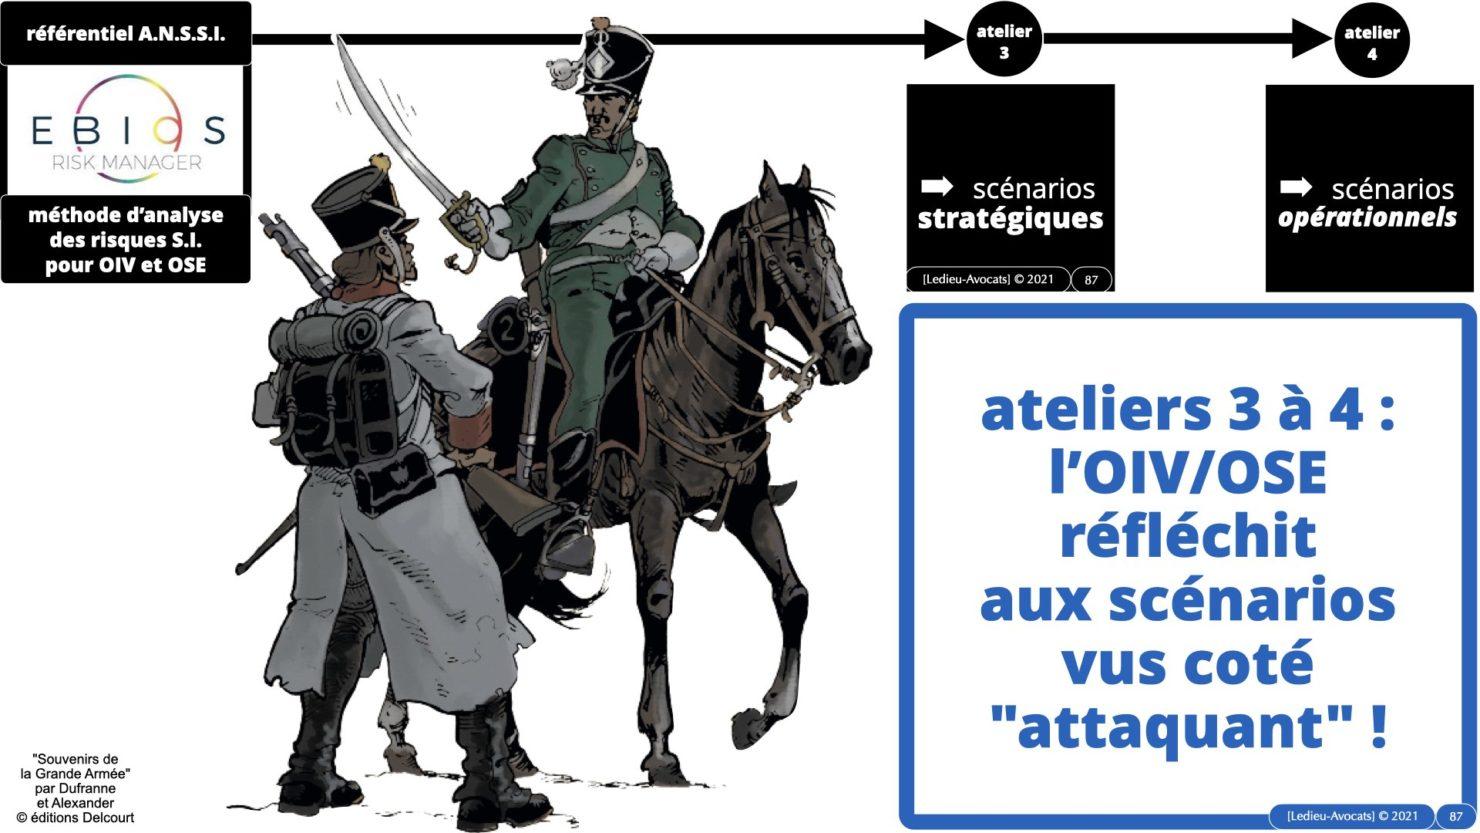 342 cyber sécurité #2 OIV OSE analyse risque EBIOS RM © Ledieu-avocat 15-07-2021.087